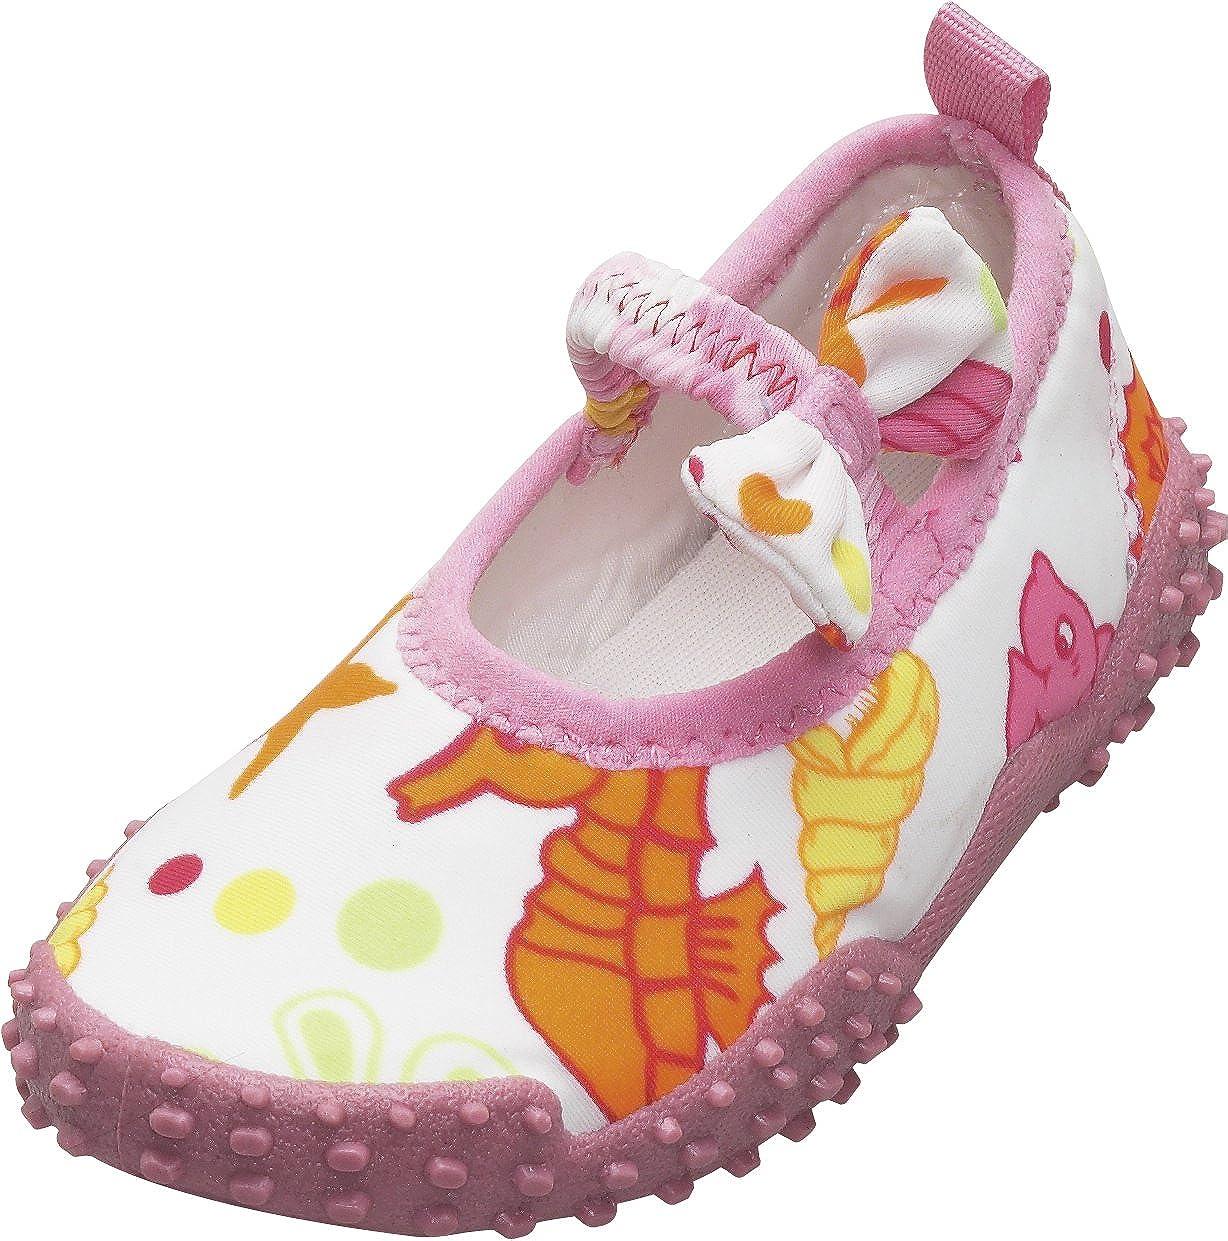 NOUVEAU Alors la jeunesse de jeune fille maillot de bain réglable Sport Sandales Rose #68644 170 C TZ